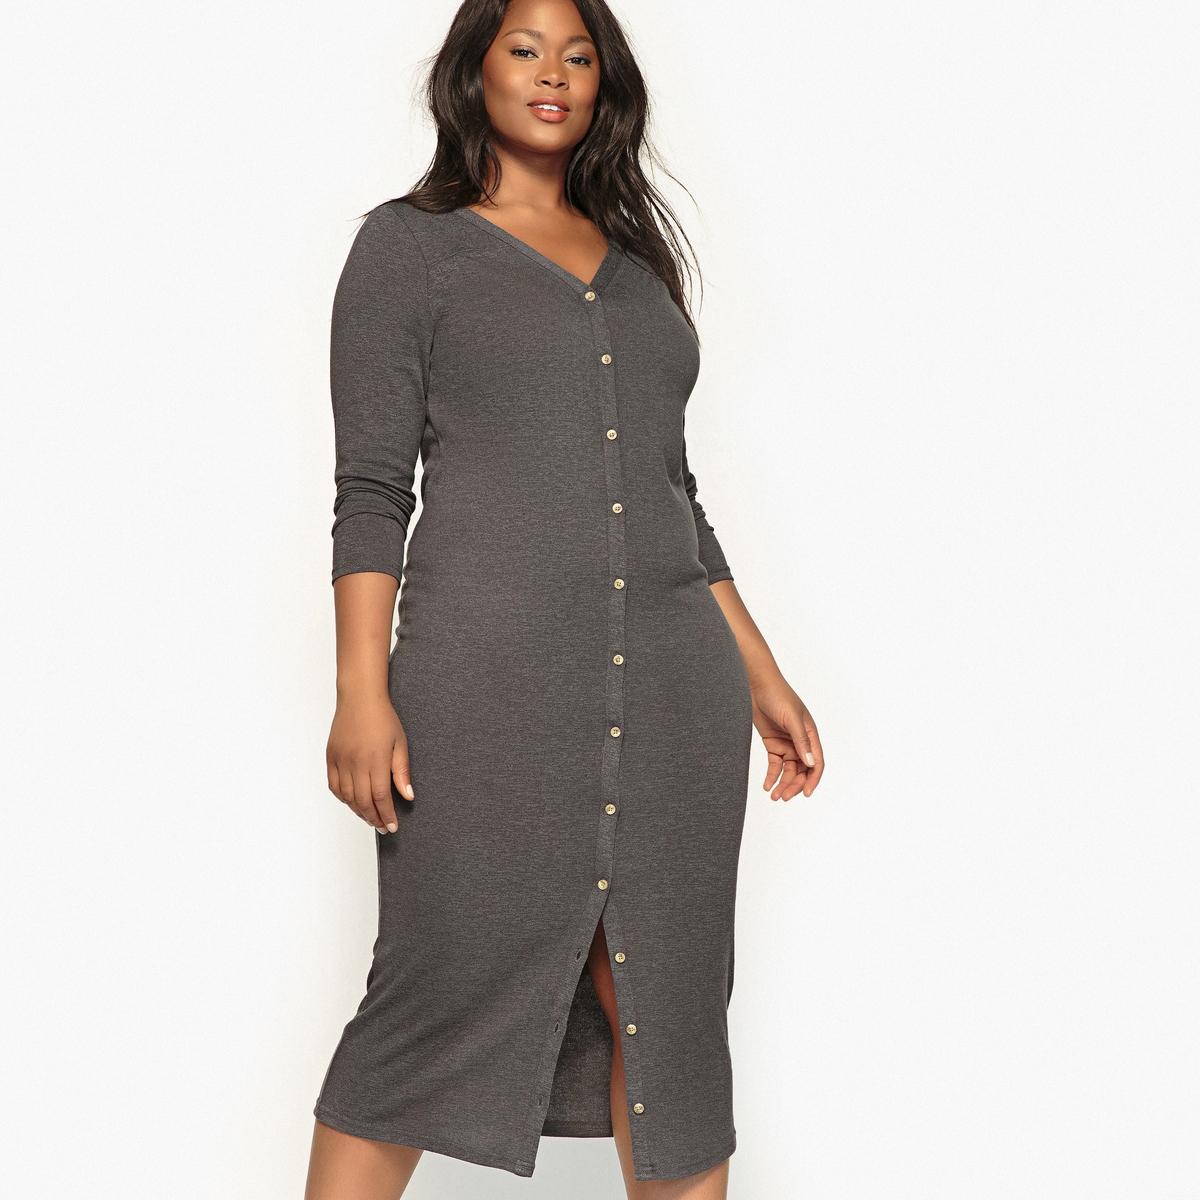 Платье трикотажное на пуговицахИзящное длинное платье из трикотажа. Простая модель прямого покроя с  V-образным декольте спереди и сзади, длинное и очень женственное платье. Детали •  Форма : прямая  •  Длинное •  Длинные рукава     •   V-образный вырезСостав и уход •  47% вискозы, 4% эластана, 49% полиэстера •  Температура стирки 30° на деликатном режиме   •  Сухая чистка и отбеливание запрещены    •  Не использовать барабанную сушку   •  Низкая температура глажки  Товар из коллекции больших размеров<br><br>Цвет: серый меланж,хаки,черный<br>Размер: 50 (FR) - 56 (RUS).48 (FR) - 54 (RUS).50 (FR) - 56 (RUS).48 (FR) - 54 (RUS).46 (FR) - 52 (RUS).44 (FR) - 50 (RUS).62 (FR) - 68 (RUS).46 (FR) - 52 (RUS)